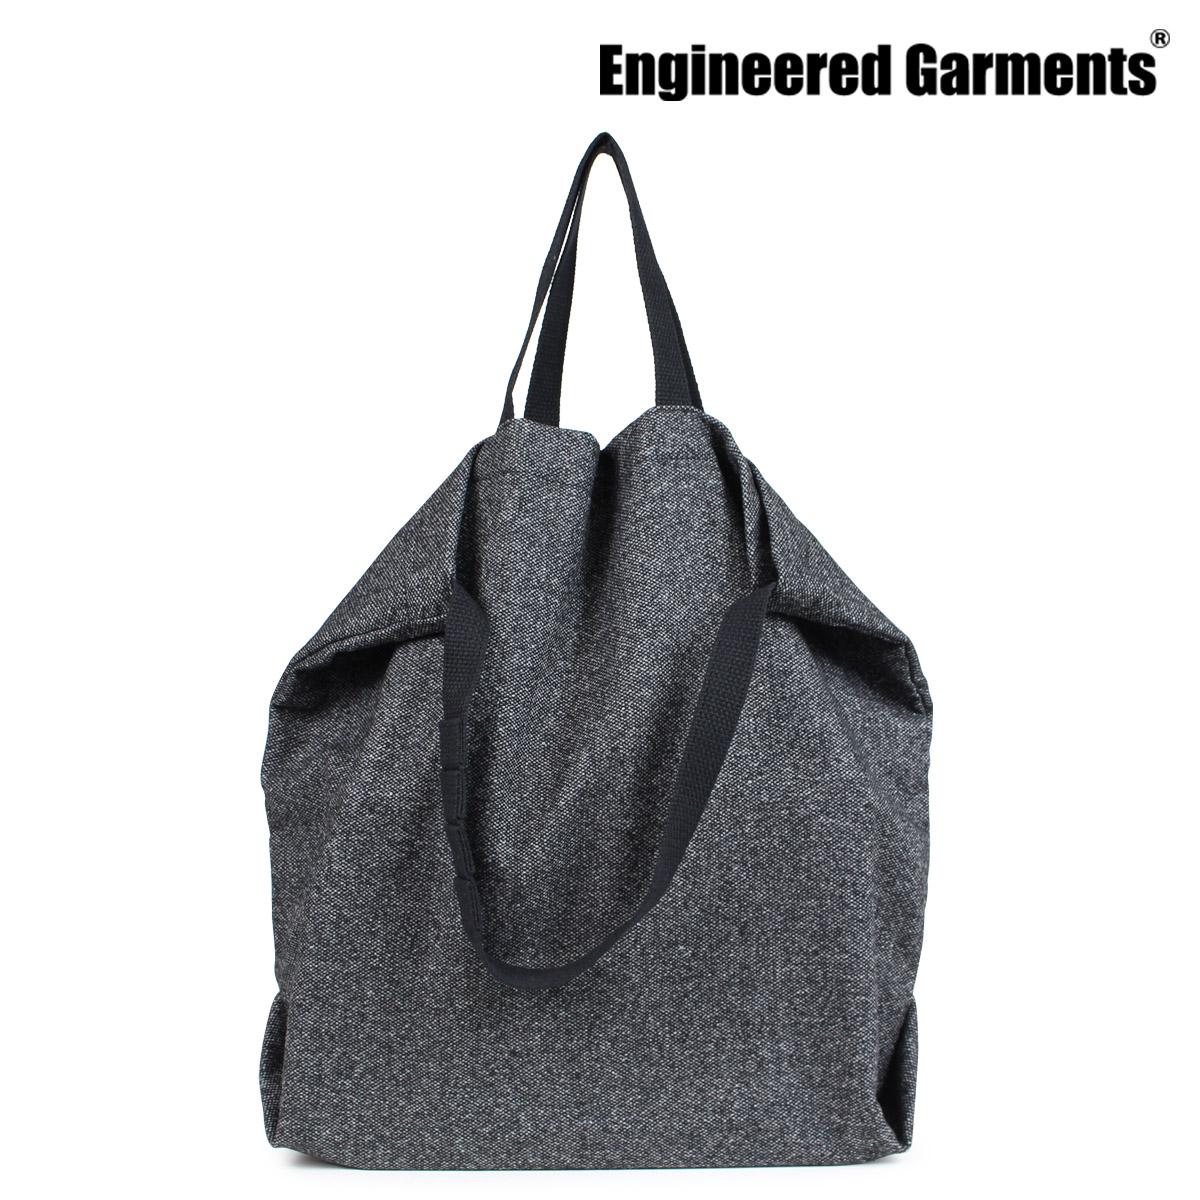 エンジニアド ガーメンツ ENGINEERED GARMENTS バッグ メンズ レディース トートバッグ ショルダー CARRY ALL TOTE W STRAP グレー [10/4 新入荷]